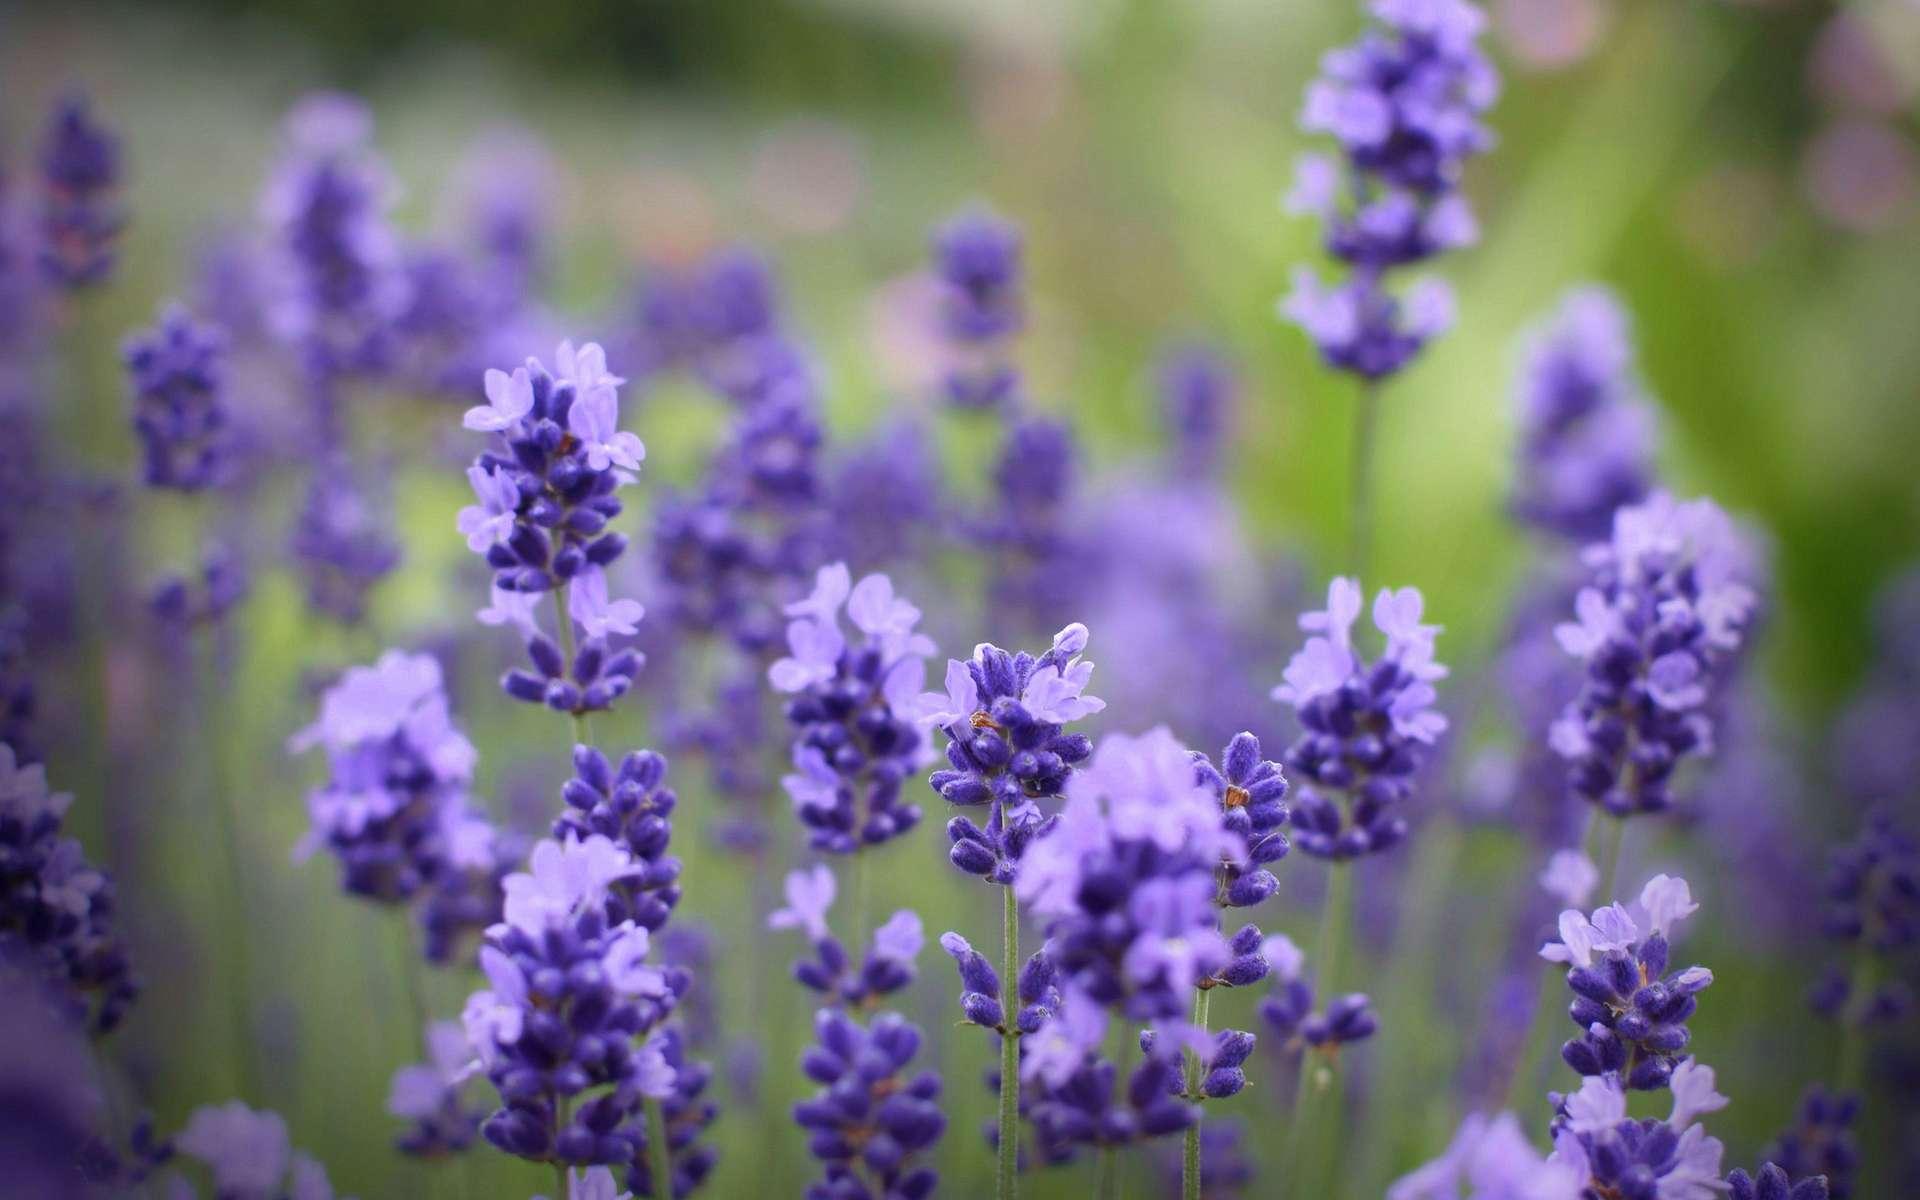 Ảnh đẹp về hoa oải hương